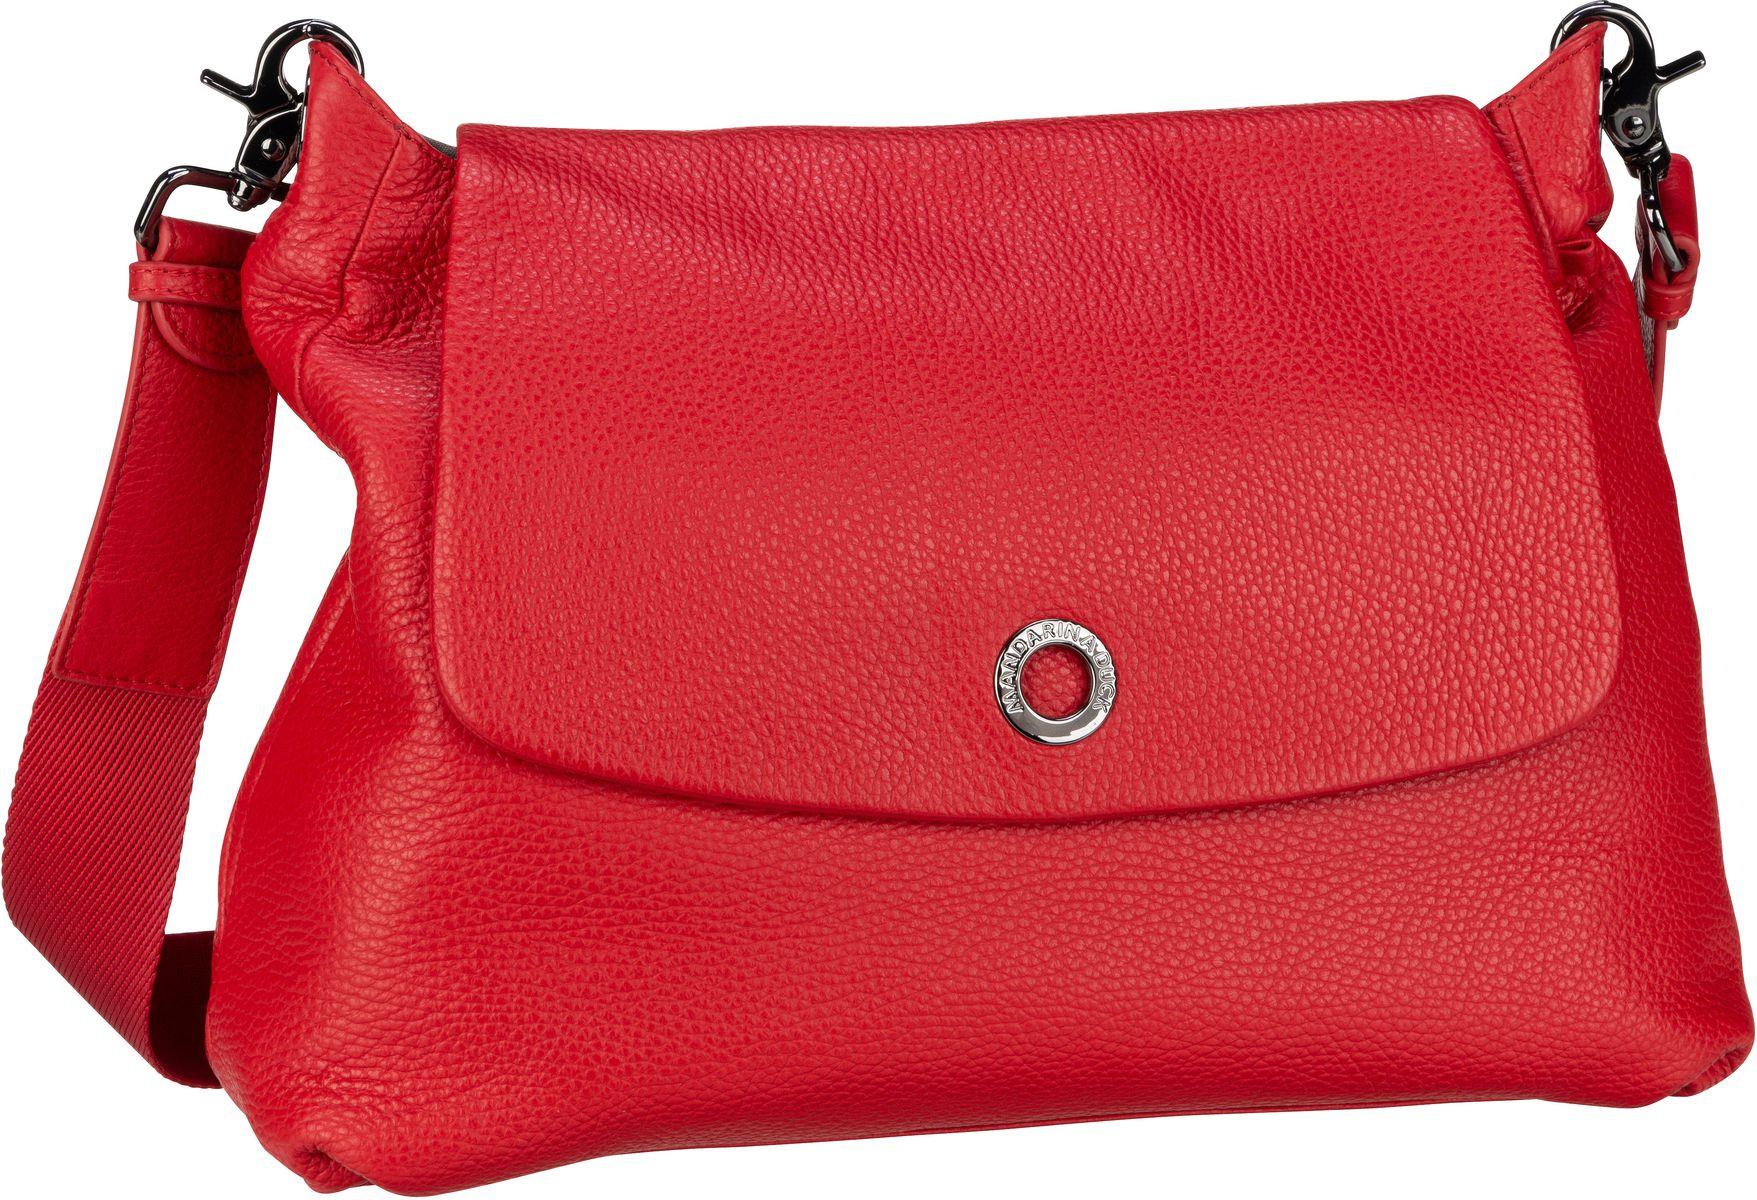 Umhängetasche Mellow Leather Shoulder Bag FZT30 Flame Scarlet